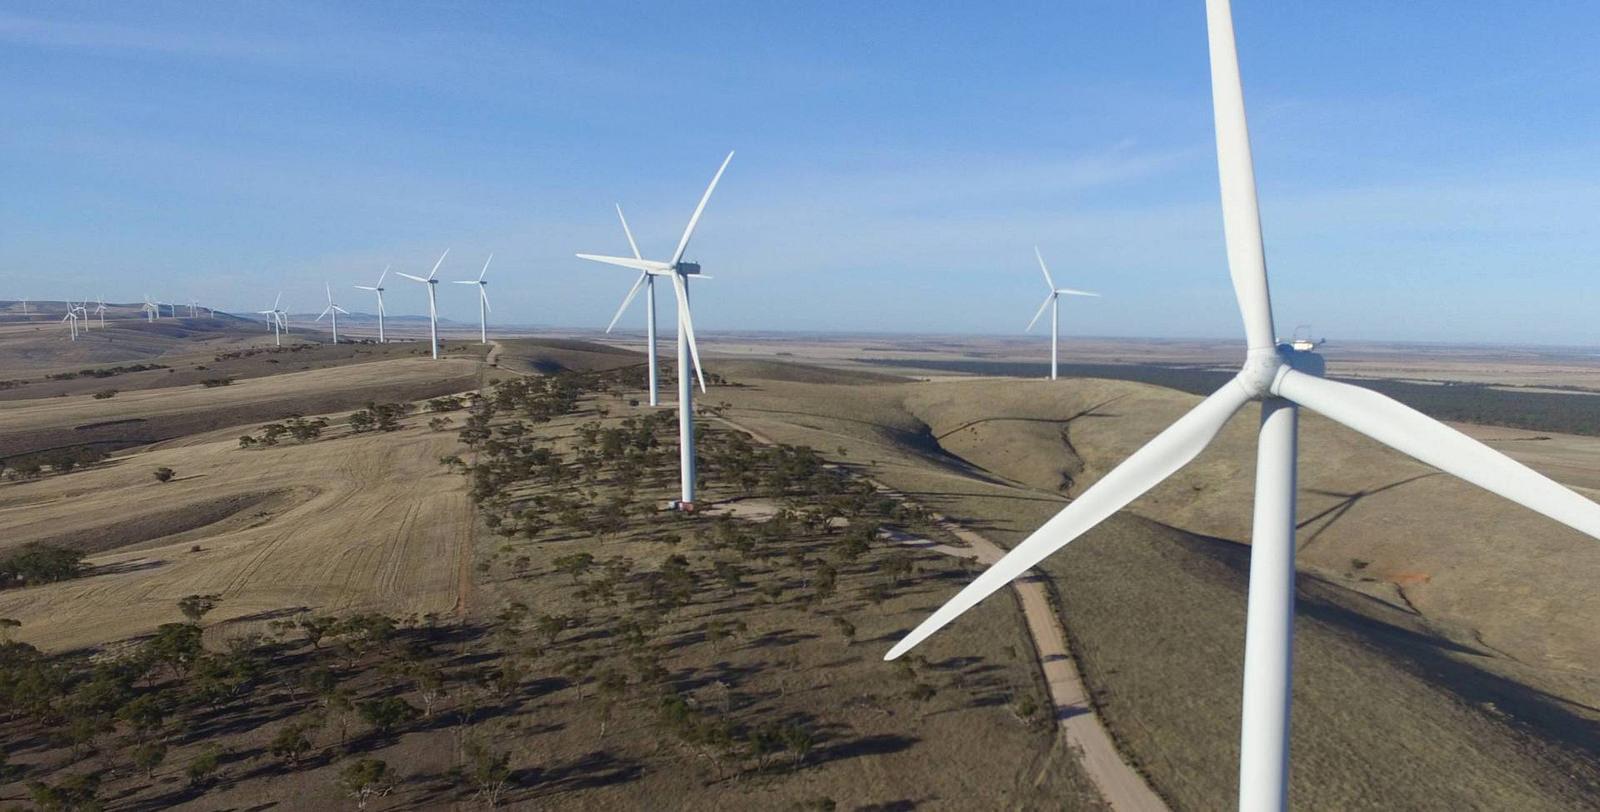 Каждый год установленная мощность ветряков на пятом континенте вырастает на треть — и Южная Австралия даёт половину этого прироста.